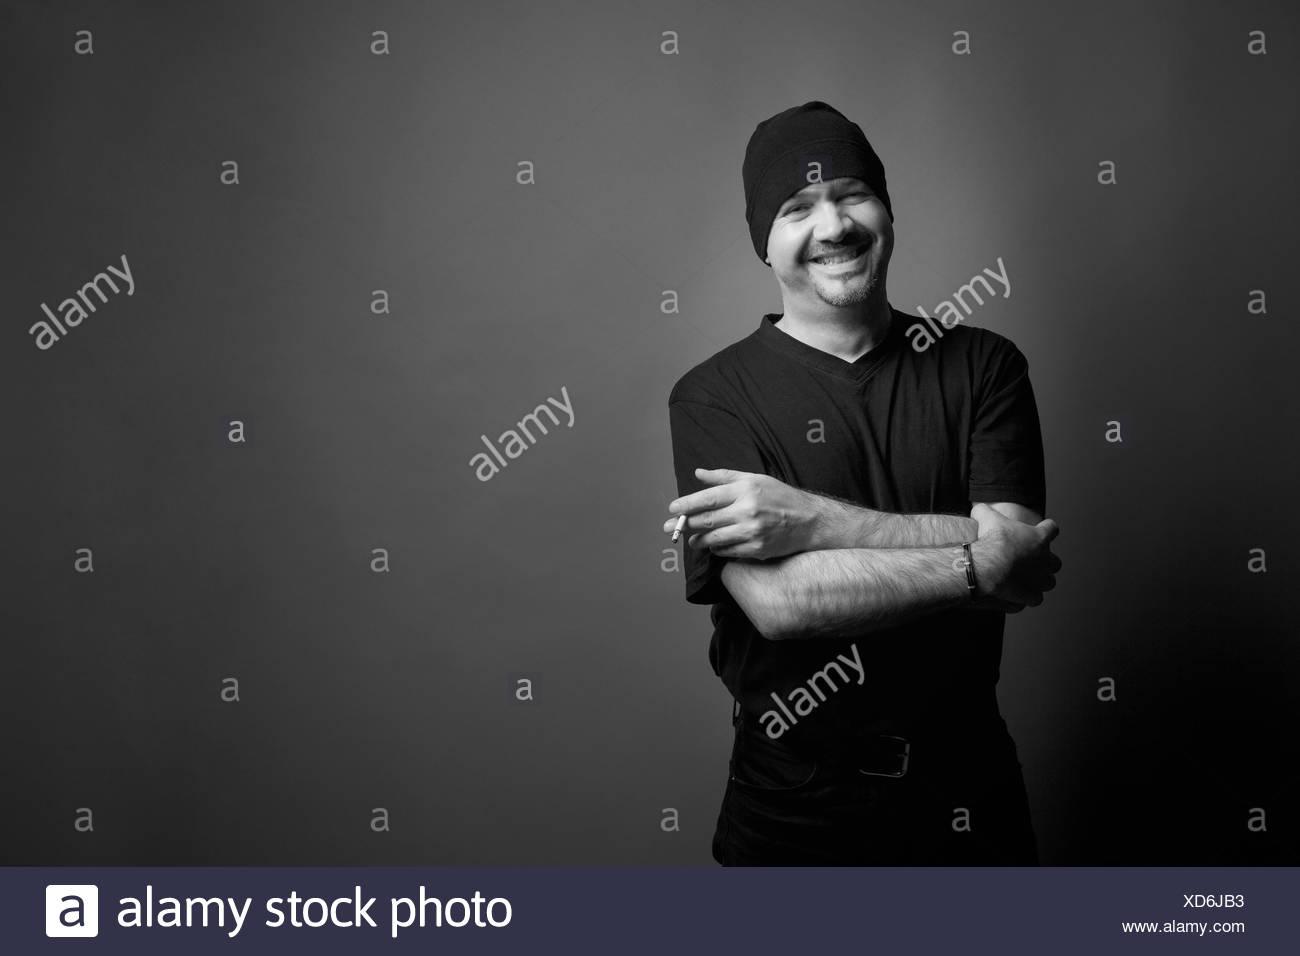 Schwarz / weiß Porträt Mann Rauchen Zigarette Stockbild